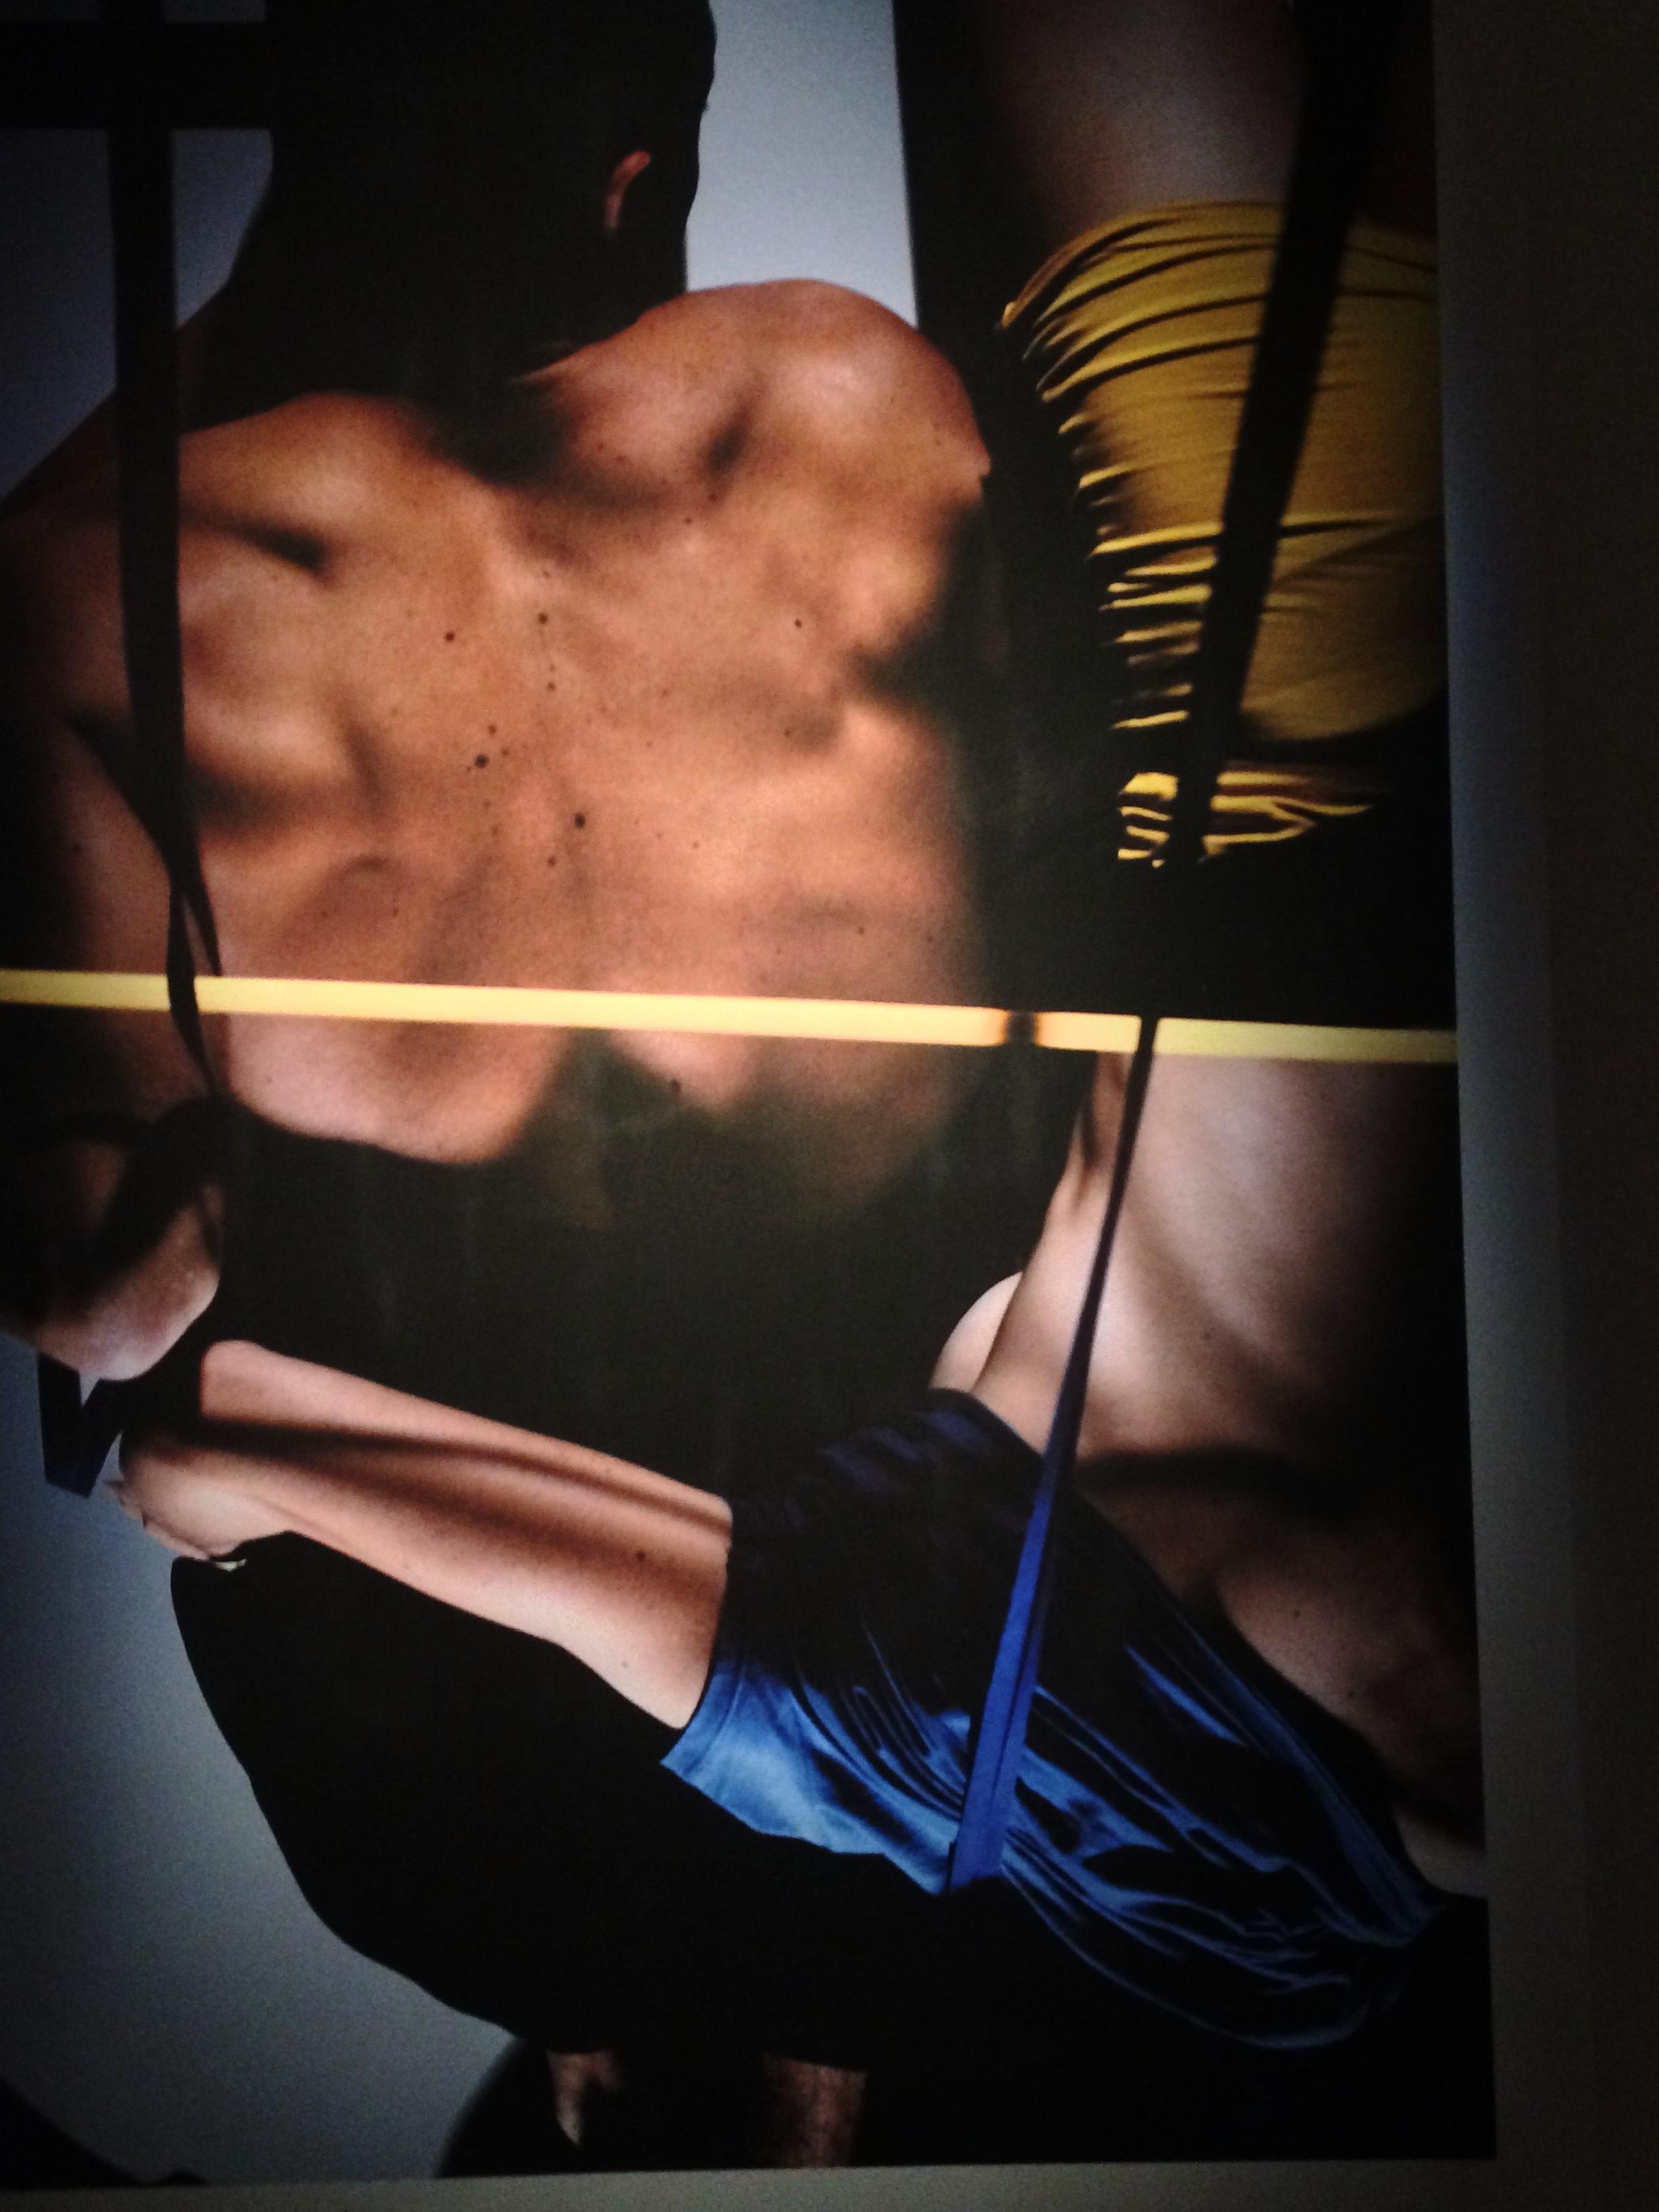 Laurent Paillier, fotos to book Danser La Peinture, 2015. Fotos Henning Høholt (4)